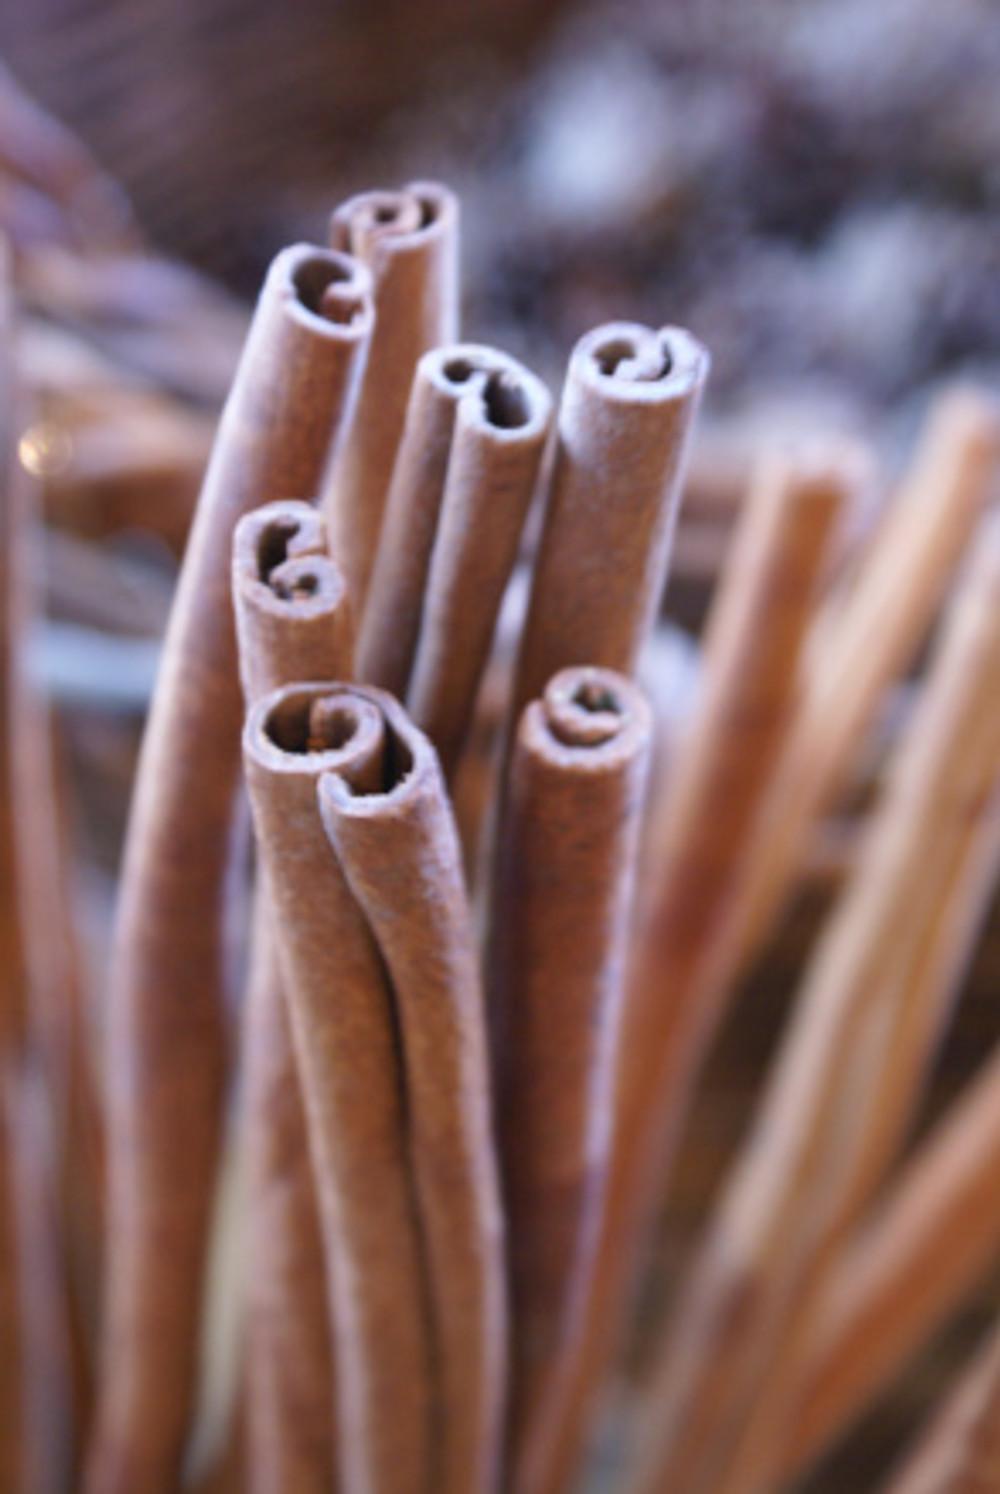 Mmmmm Cinnamon!